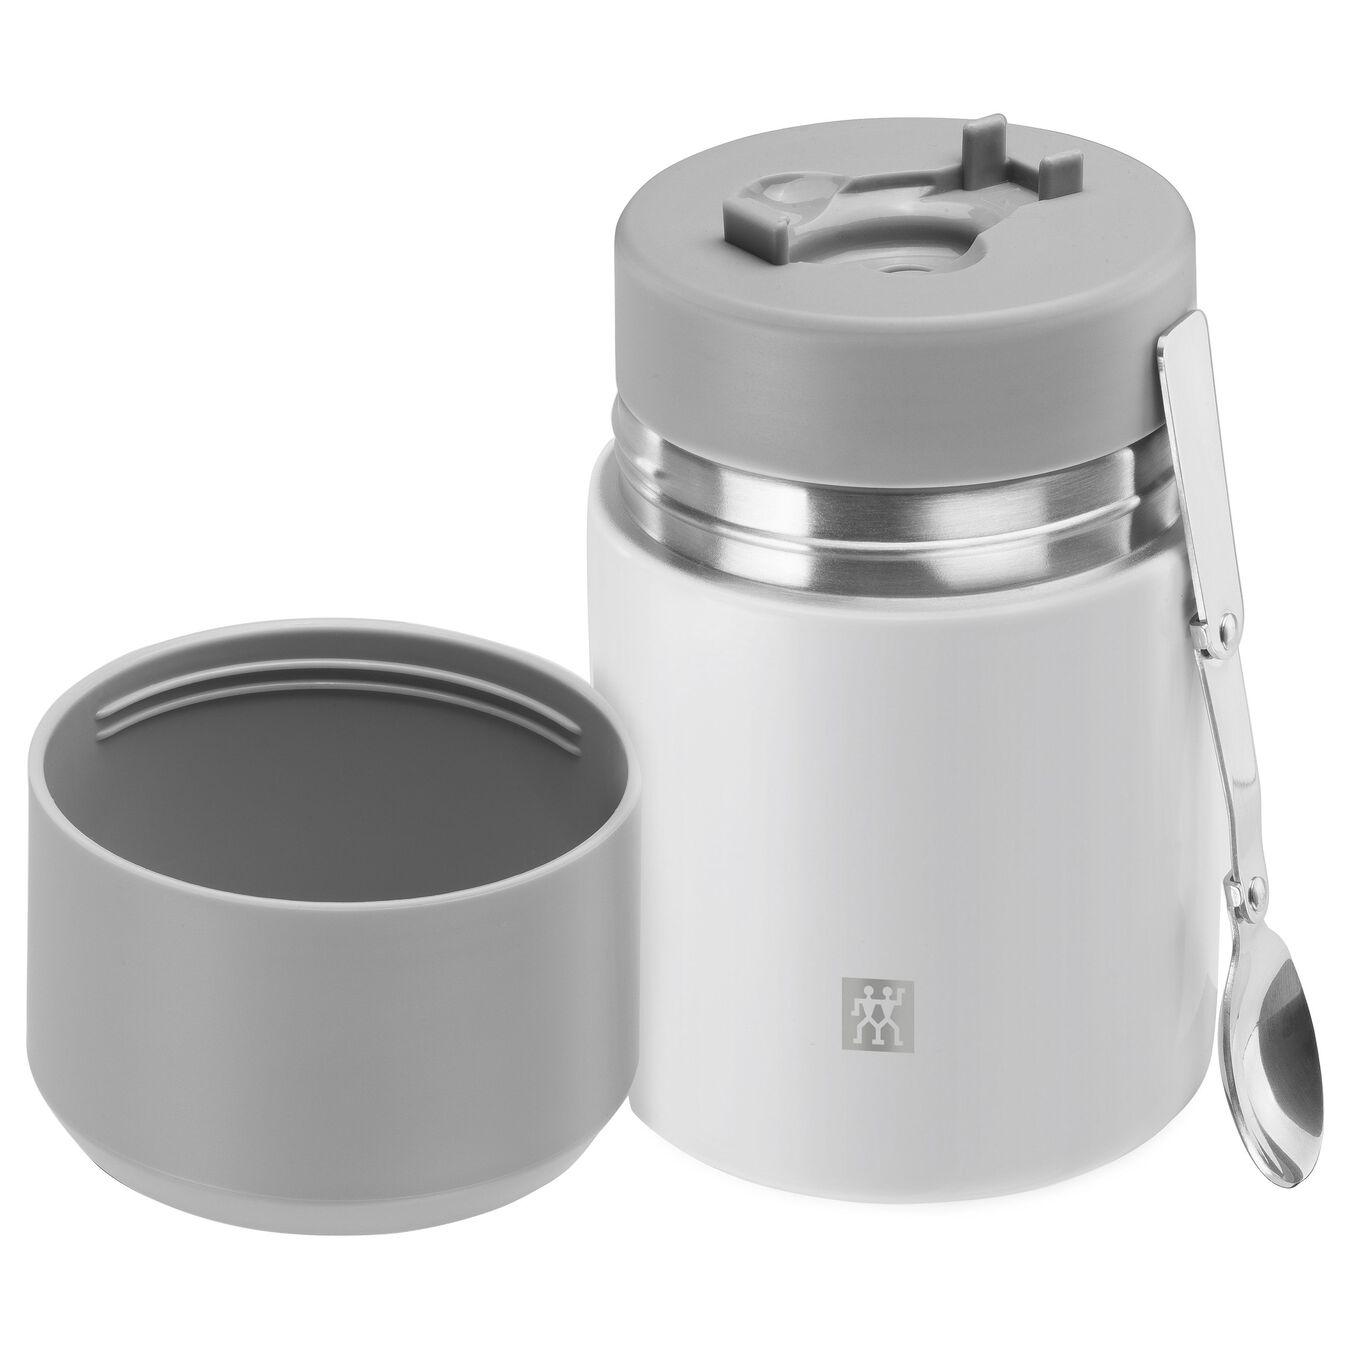 Speisegefäß, Weiß | Edelstahl | 700 ml,,large 2